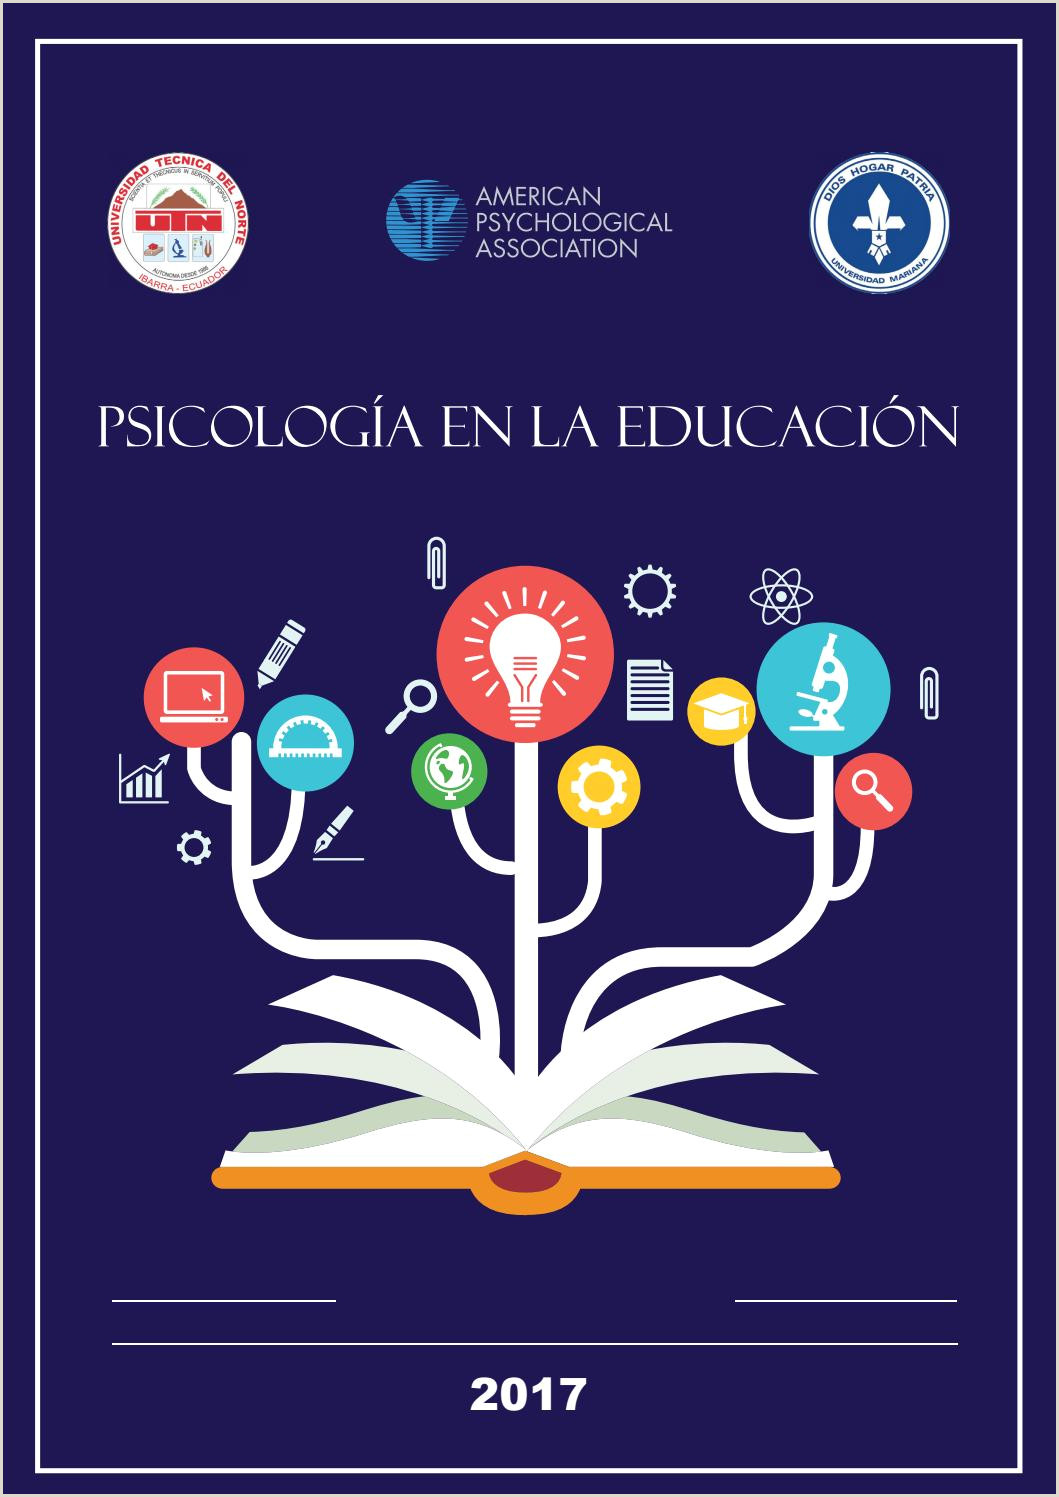 Memorias del congreso de Psicologia en la Educaci³n 2017 by